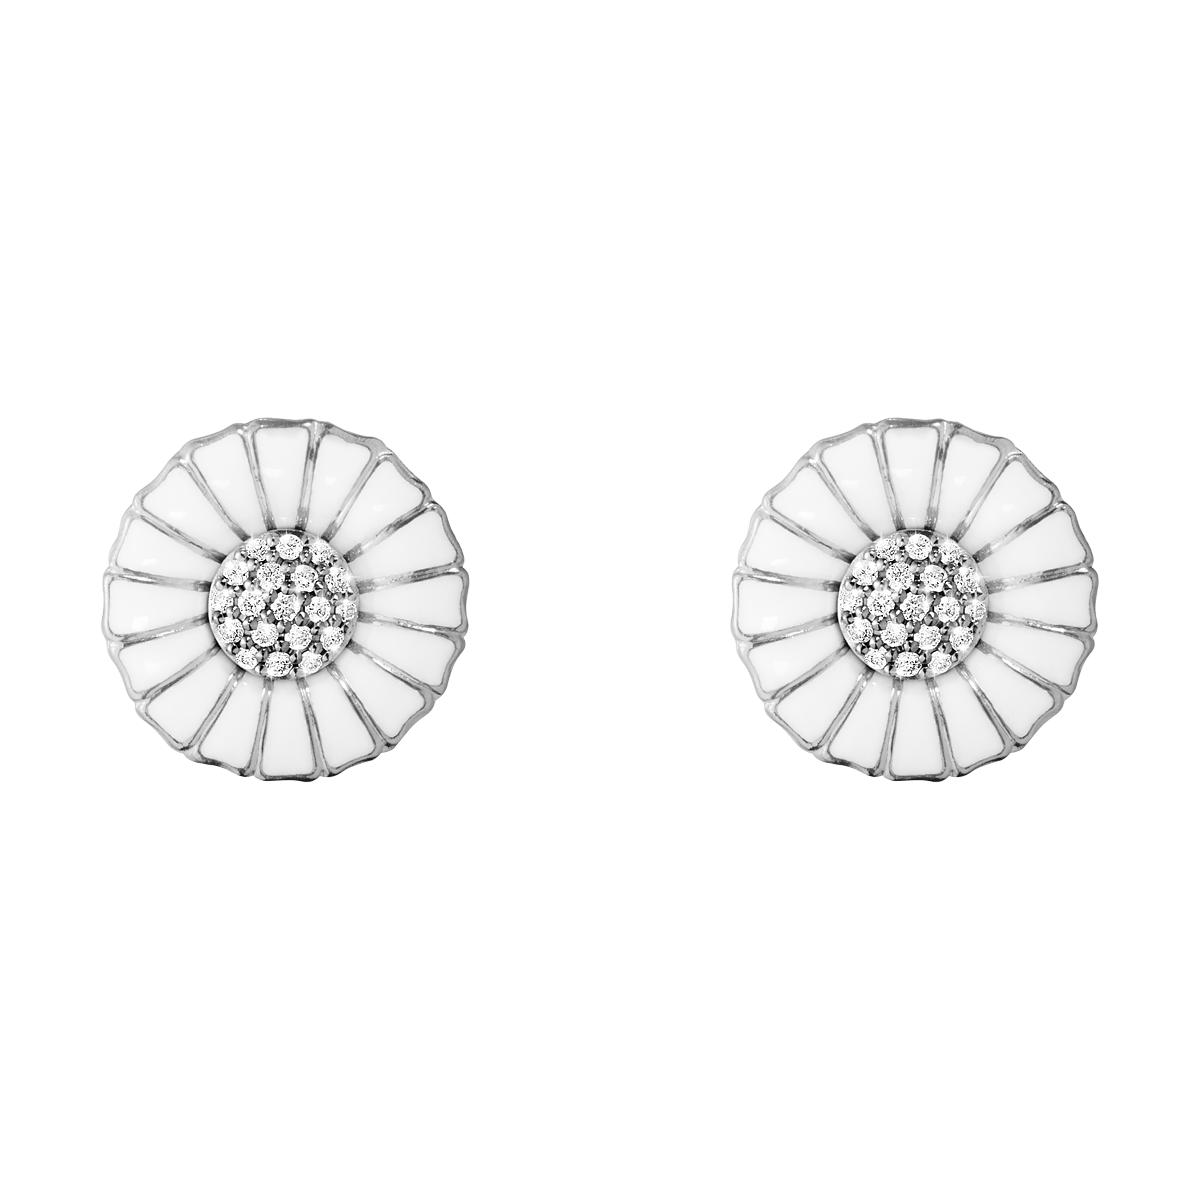 Georg Jensen Daisy øreringe m/diamanter 10010538